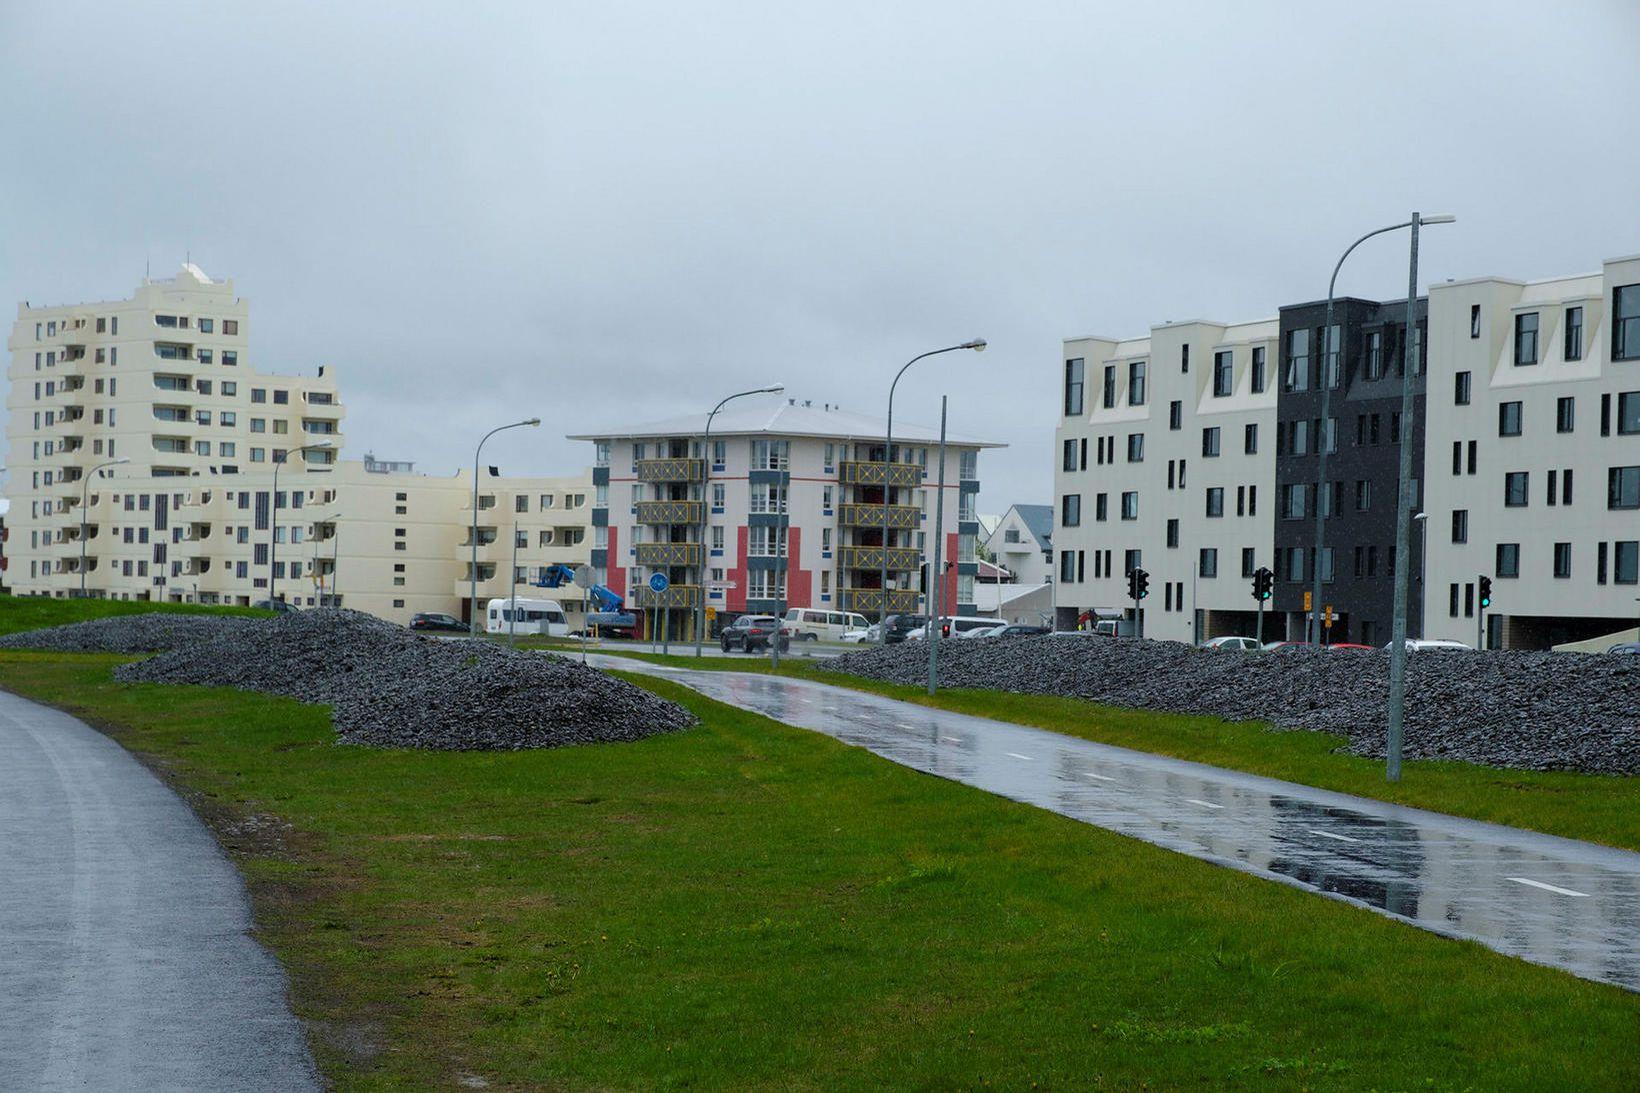 Búið er að sturta malarbingjum á grasblett við Eiðsgranda í …